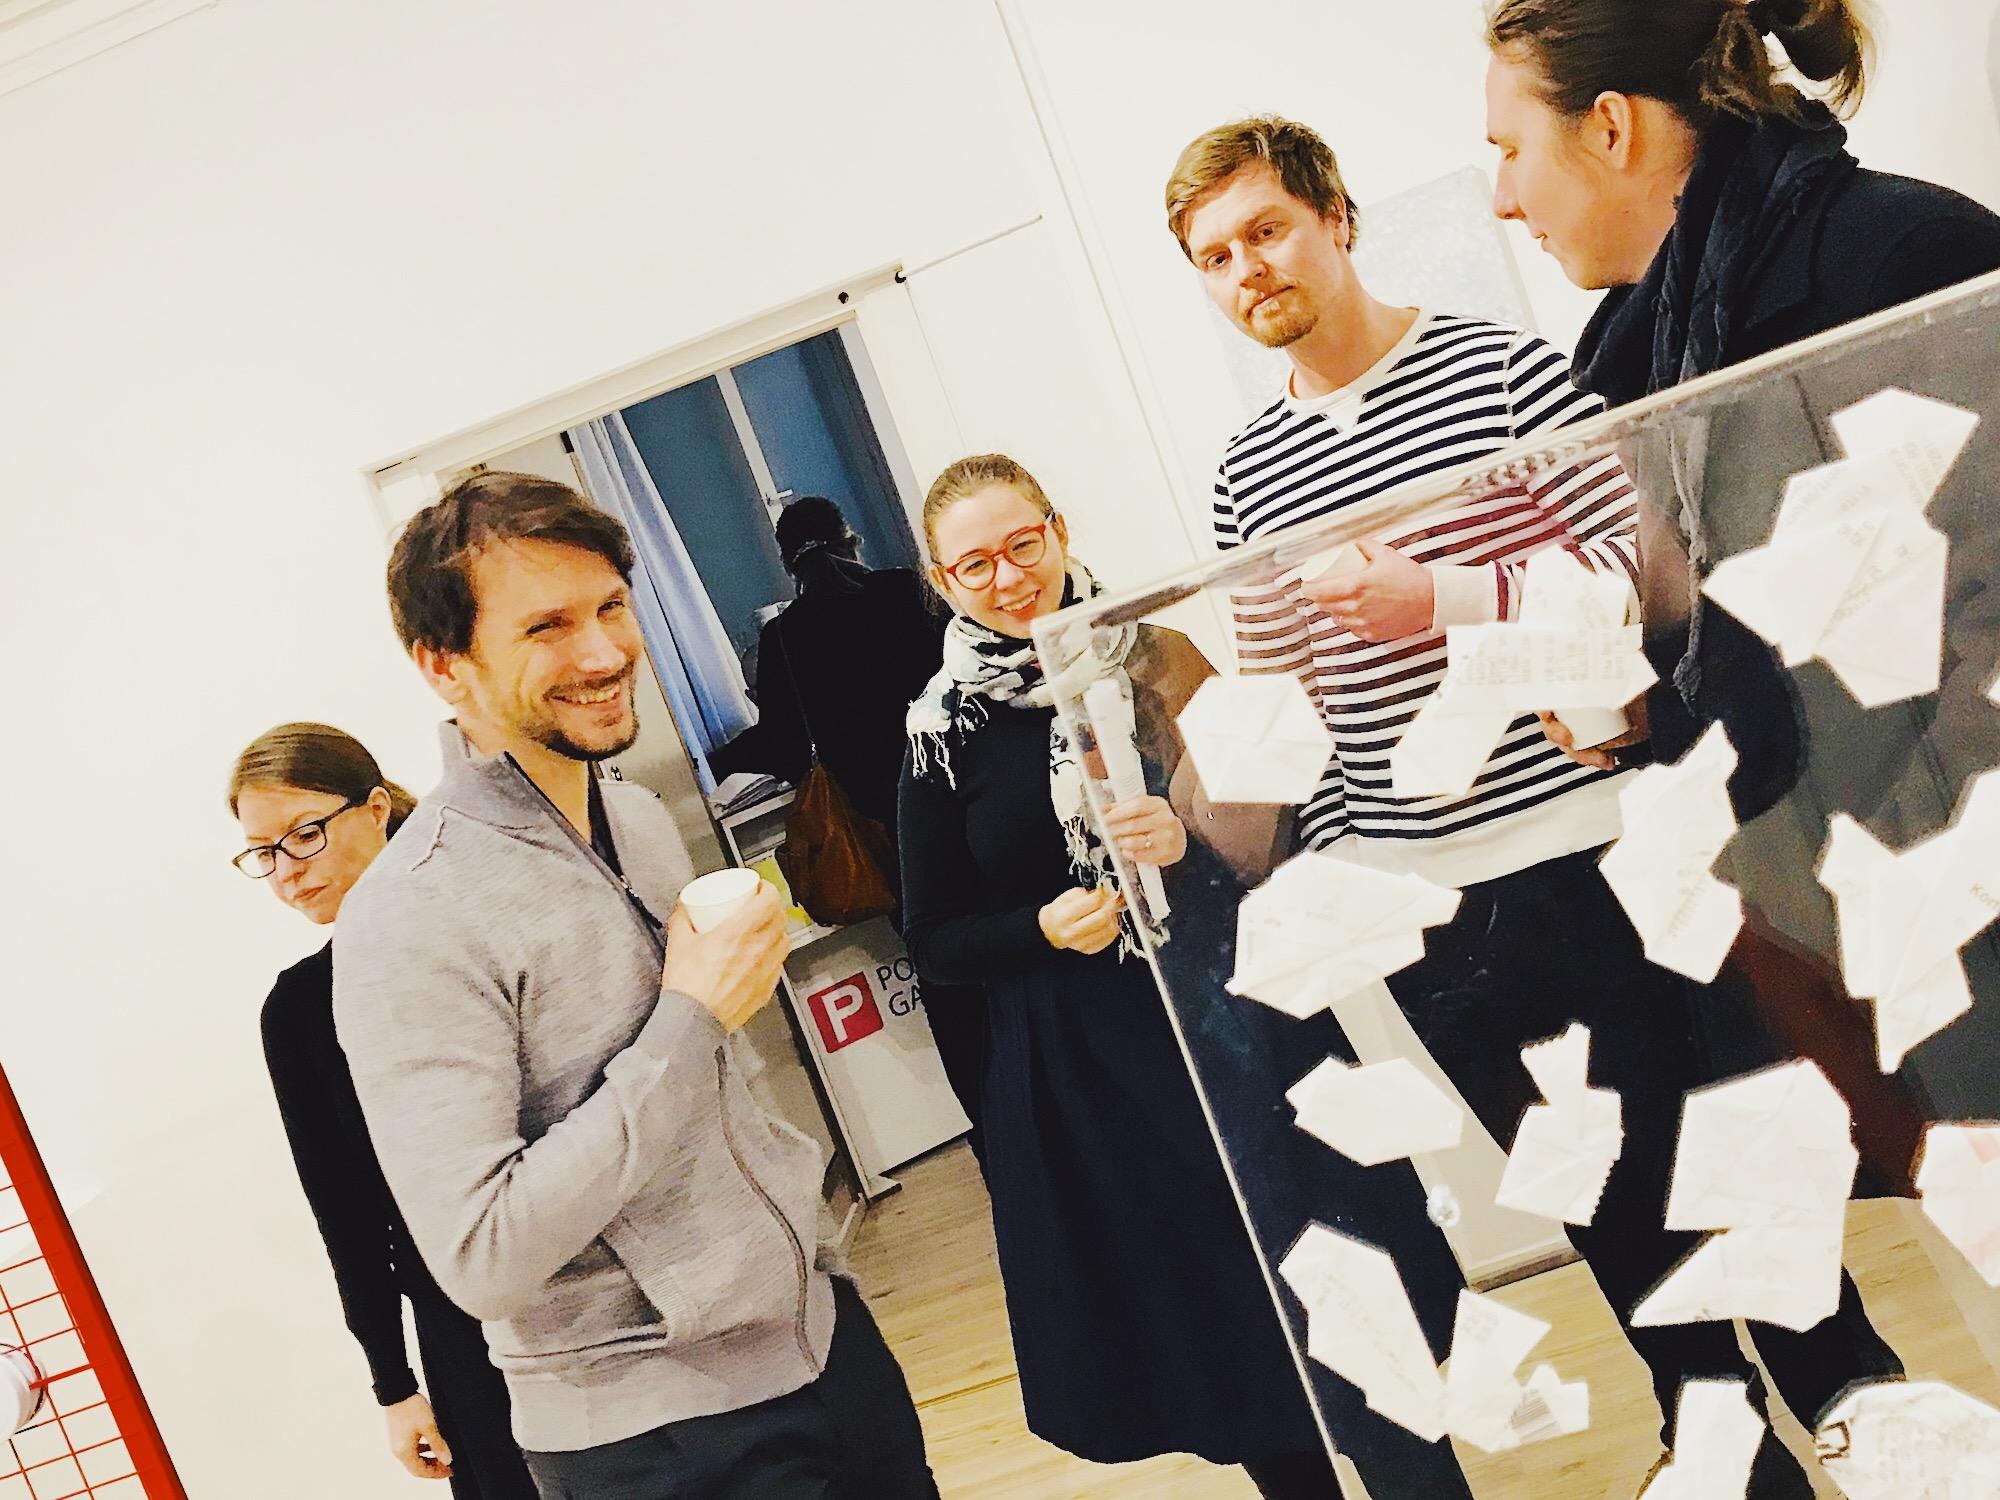 Mikko Ängeslevän näyttely P-galleriassa tammikuussa 2020. (Kuva Hanna Valtokivi)